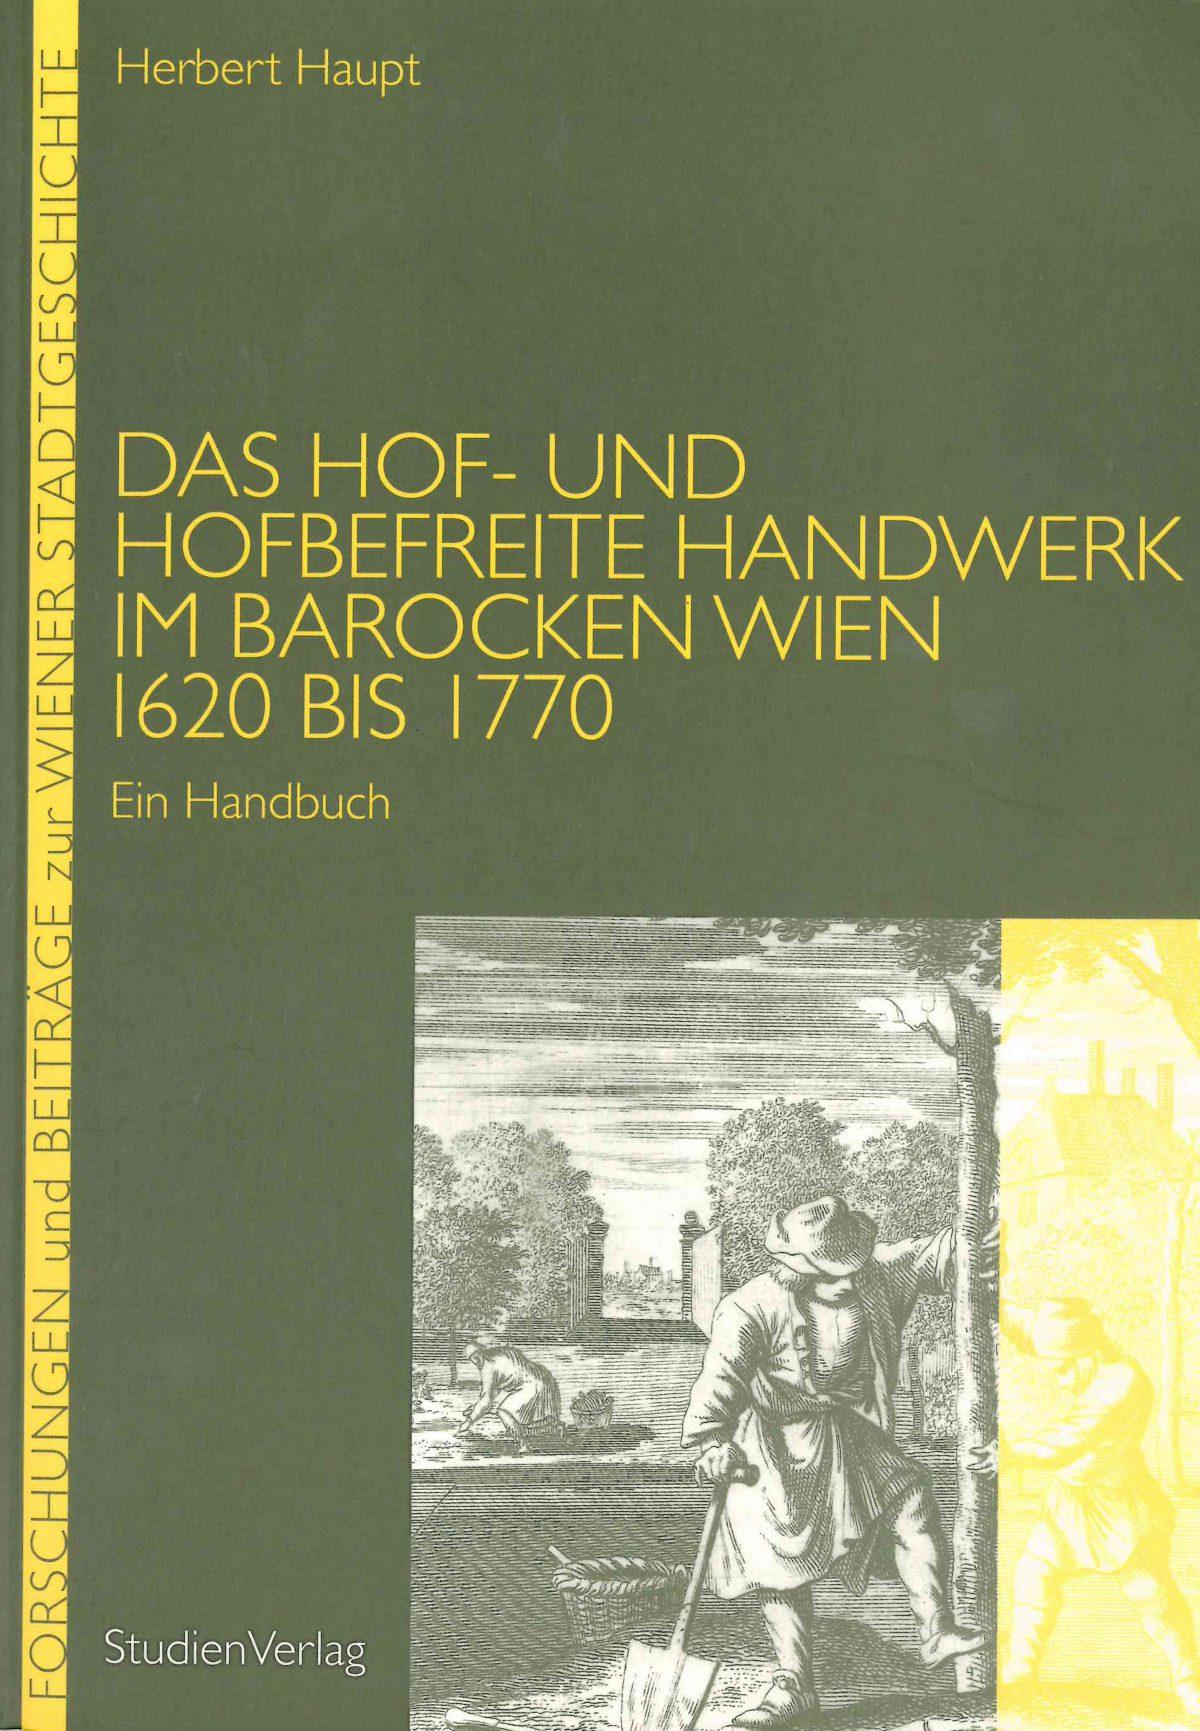 Das Hof- und hofbefreite Handwerk im barocken Wien 1620 bis 1770